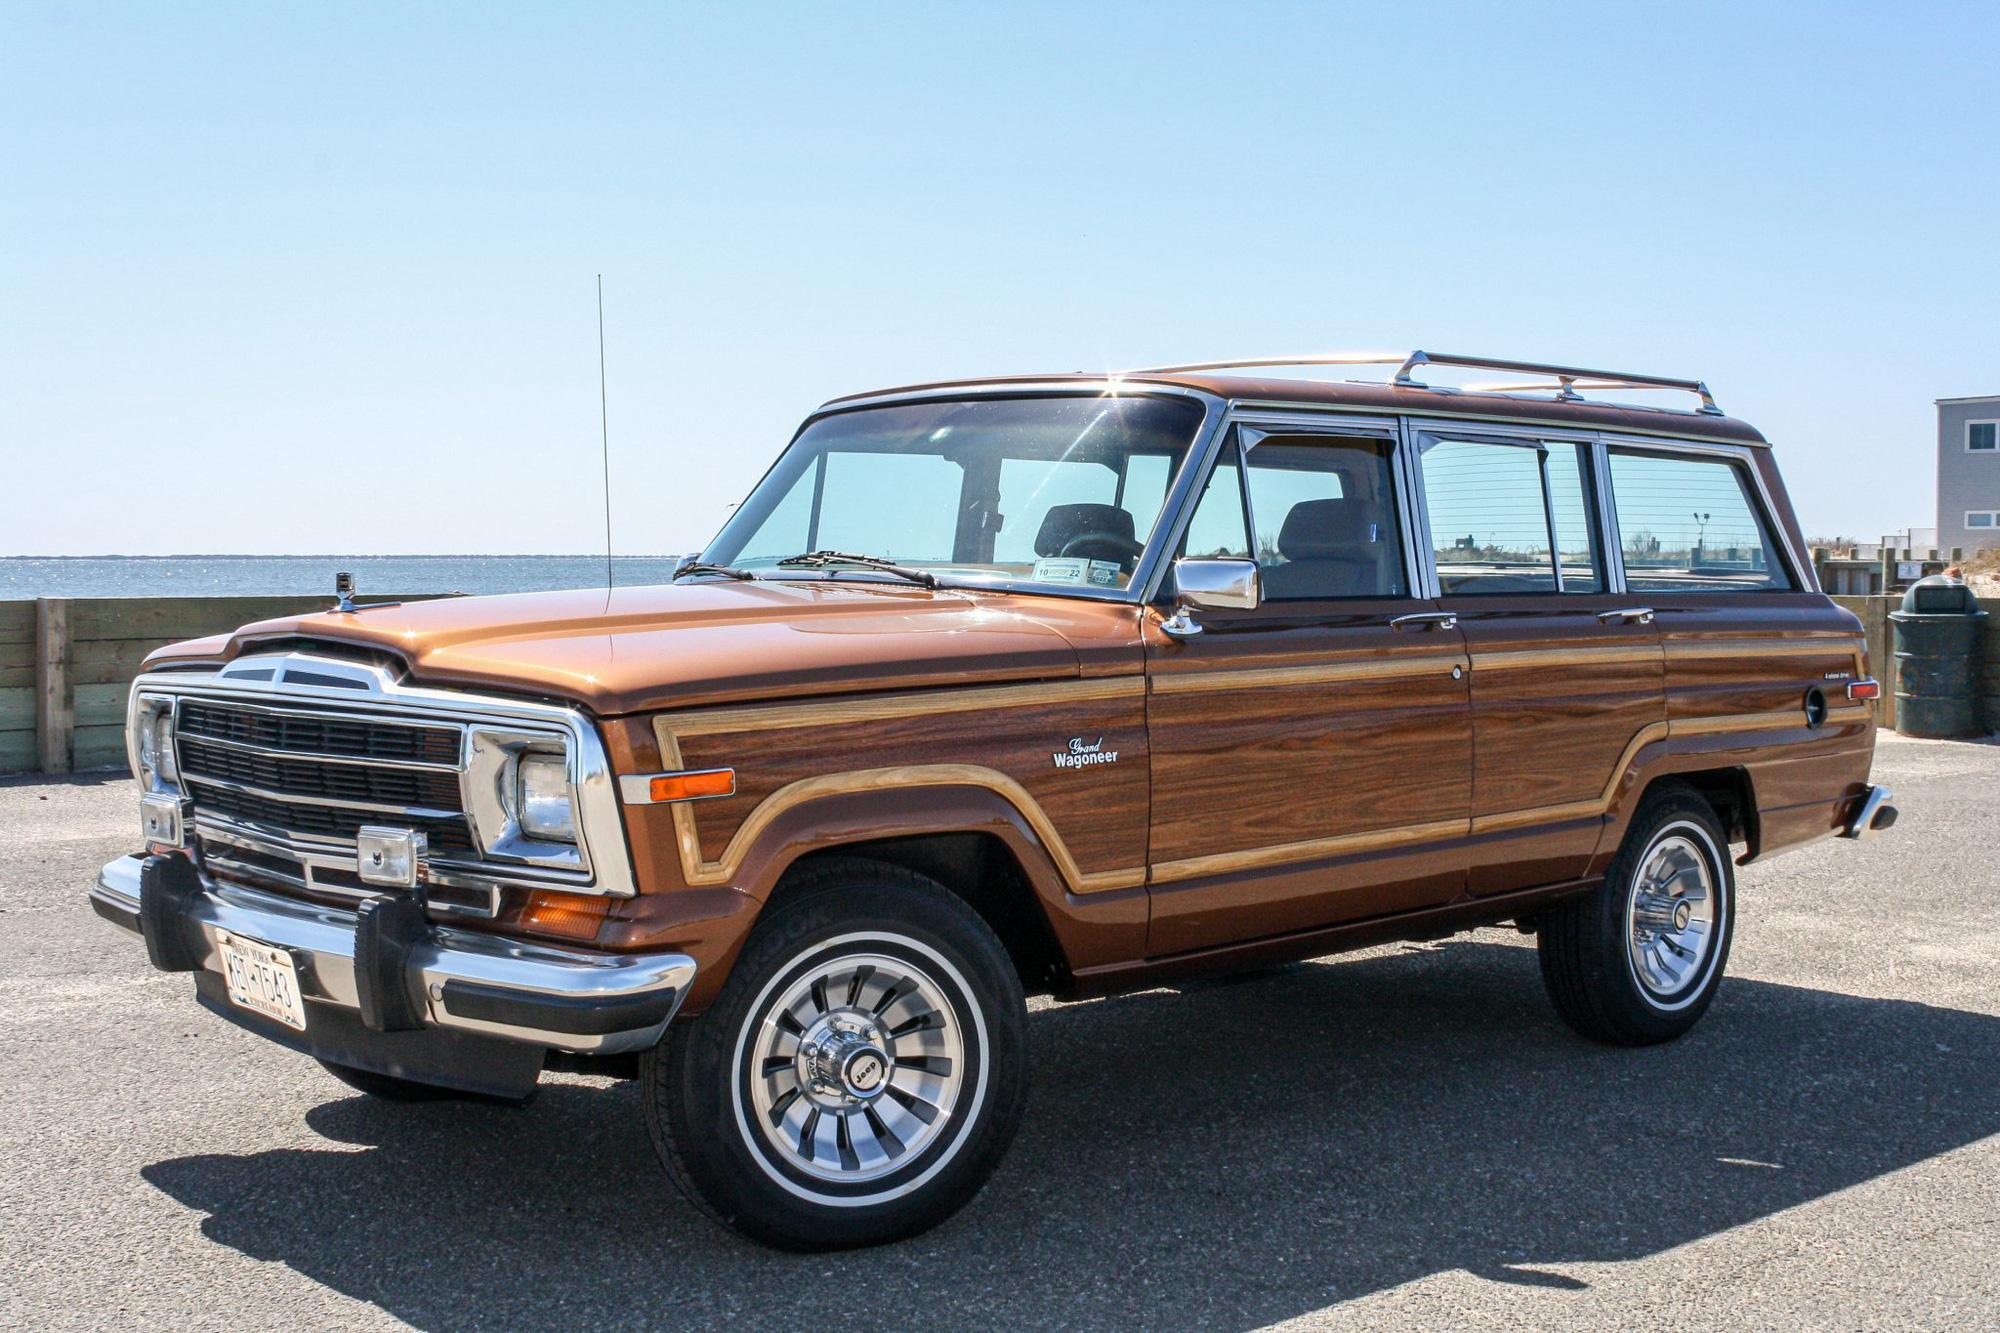 Jeep vừa hồi sinh dòng Wagoneer ốp gỗ cổ điển sau 30 năm - Ảnh 1.